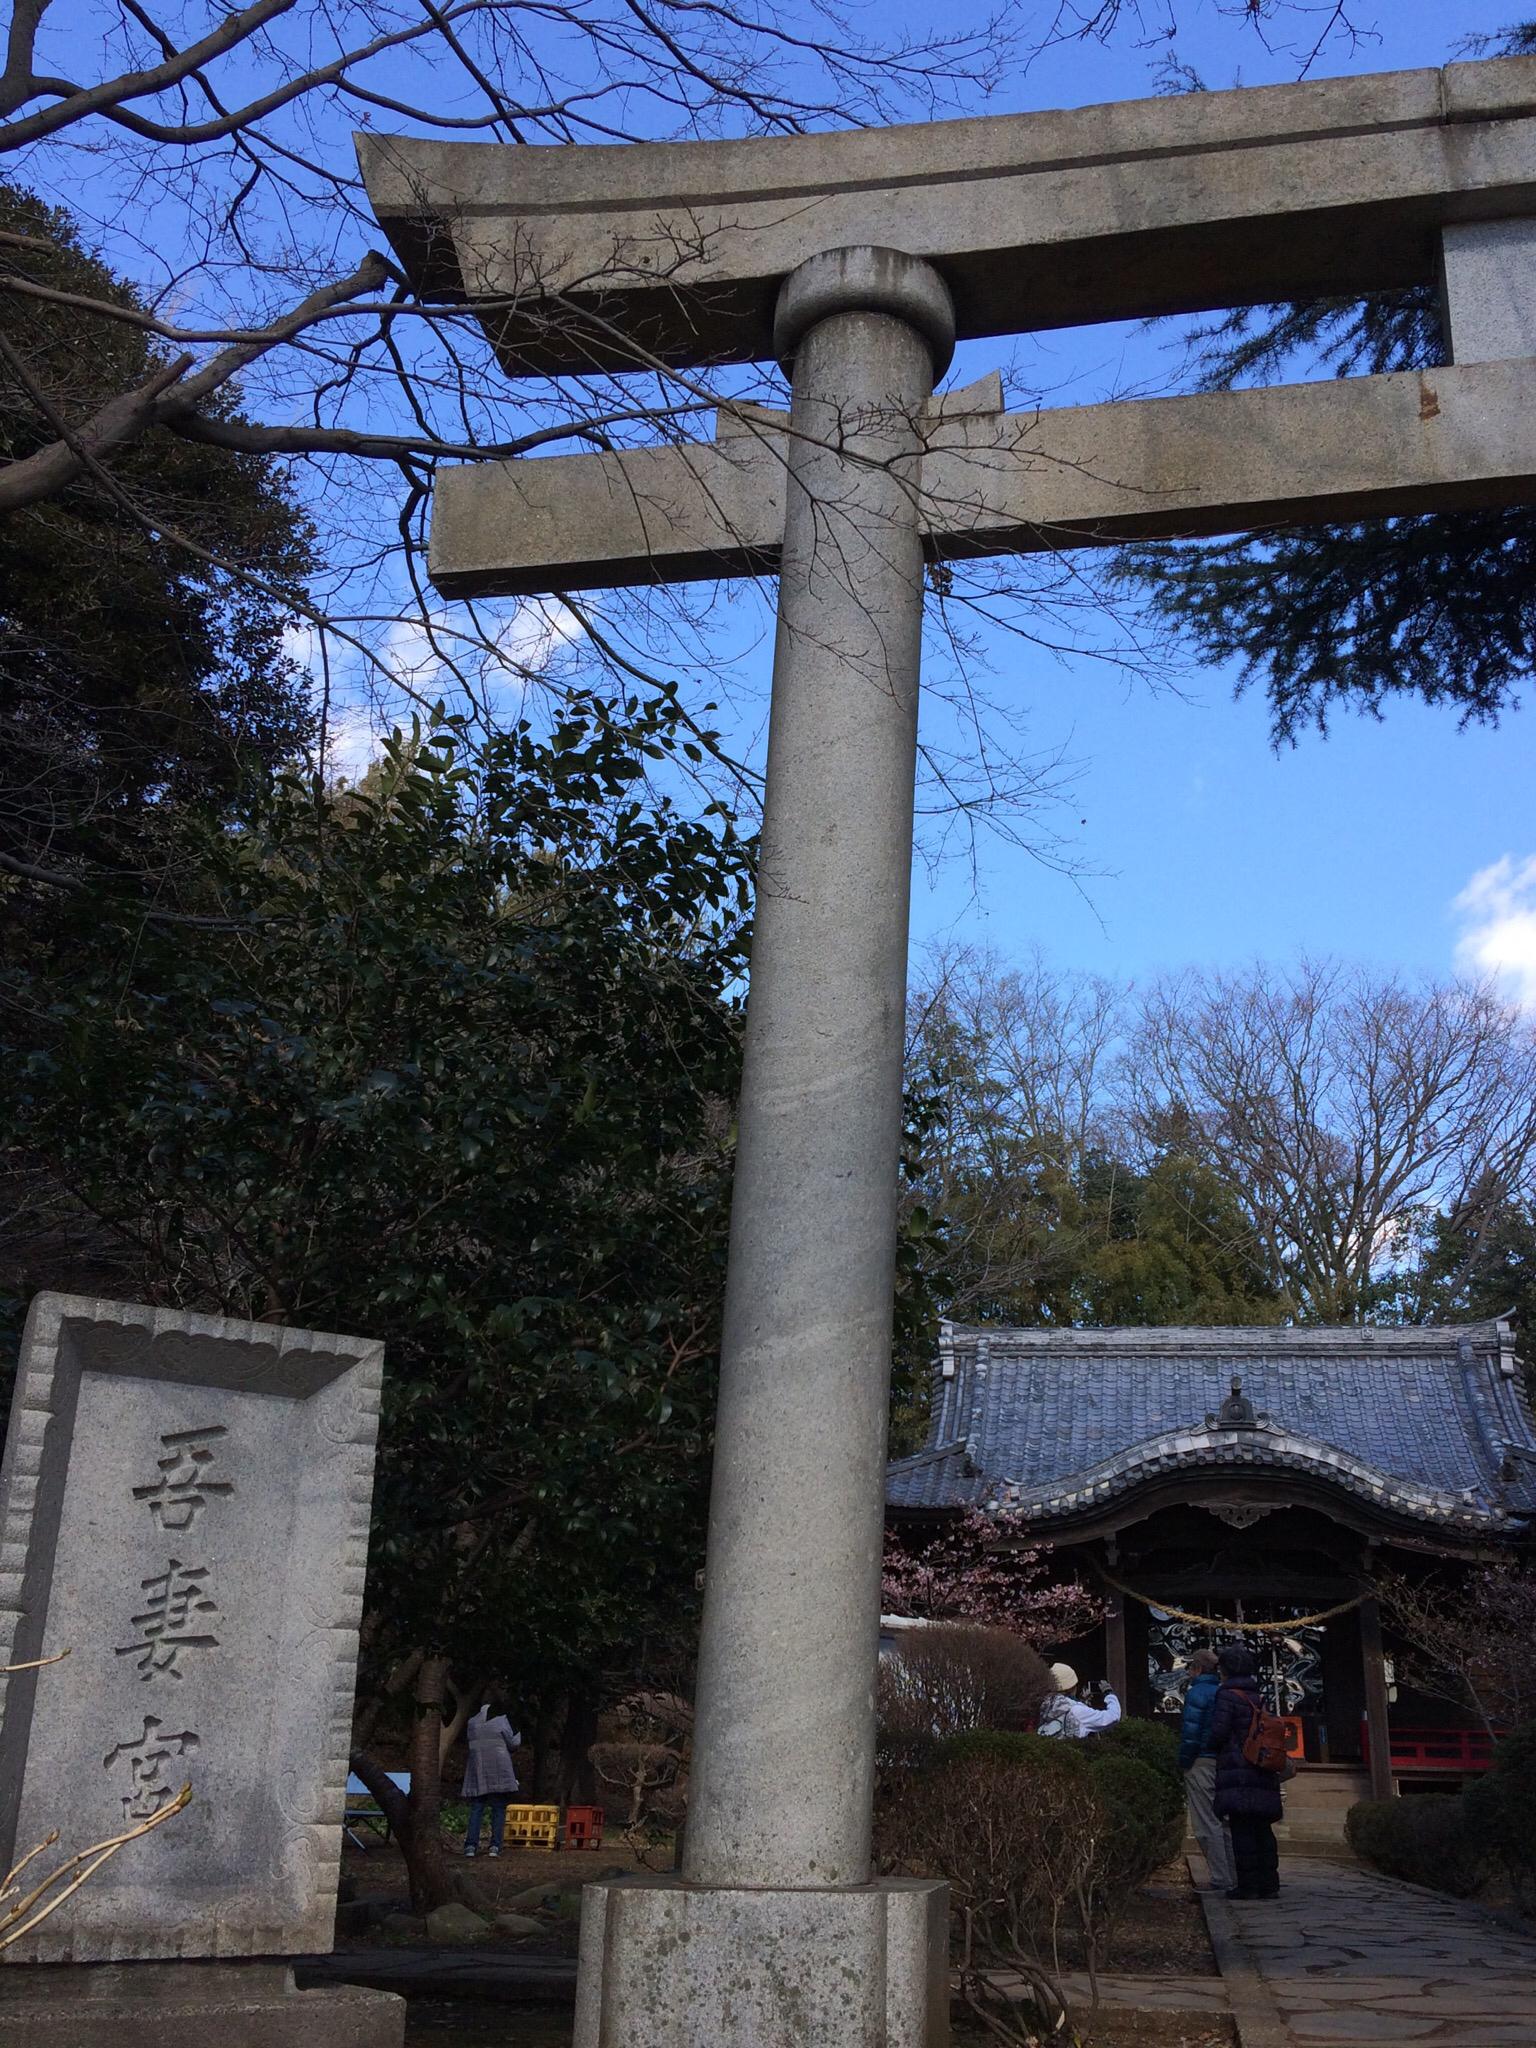 吾妻神社に到着!つかの間のひと休み…